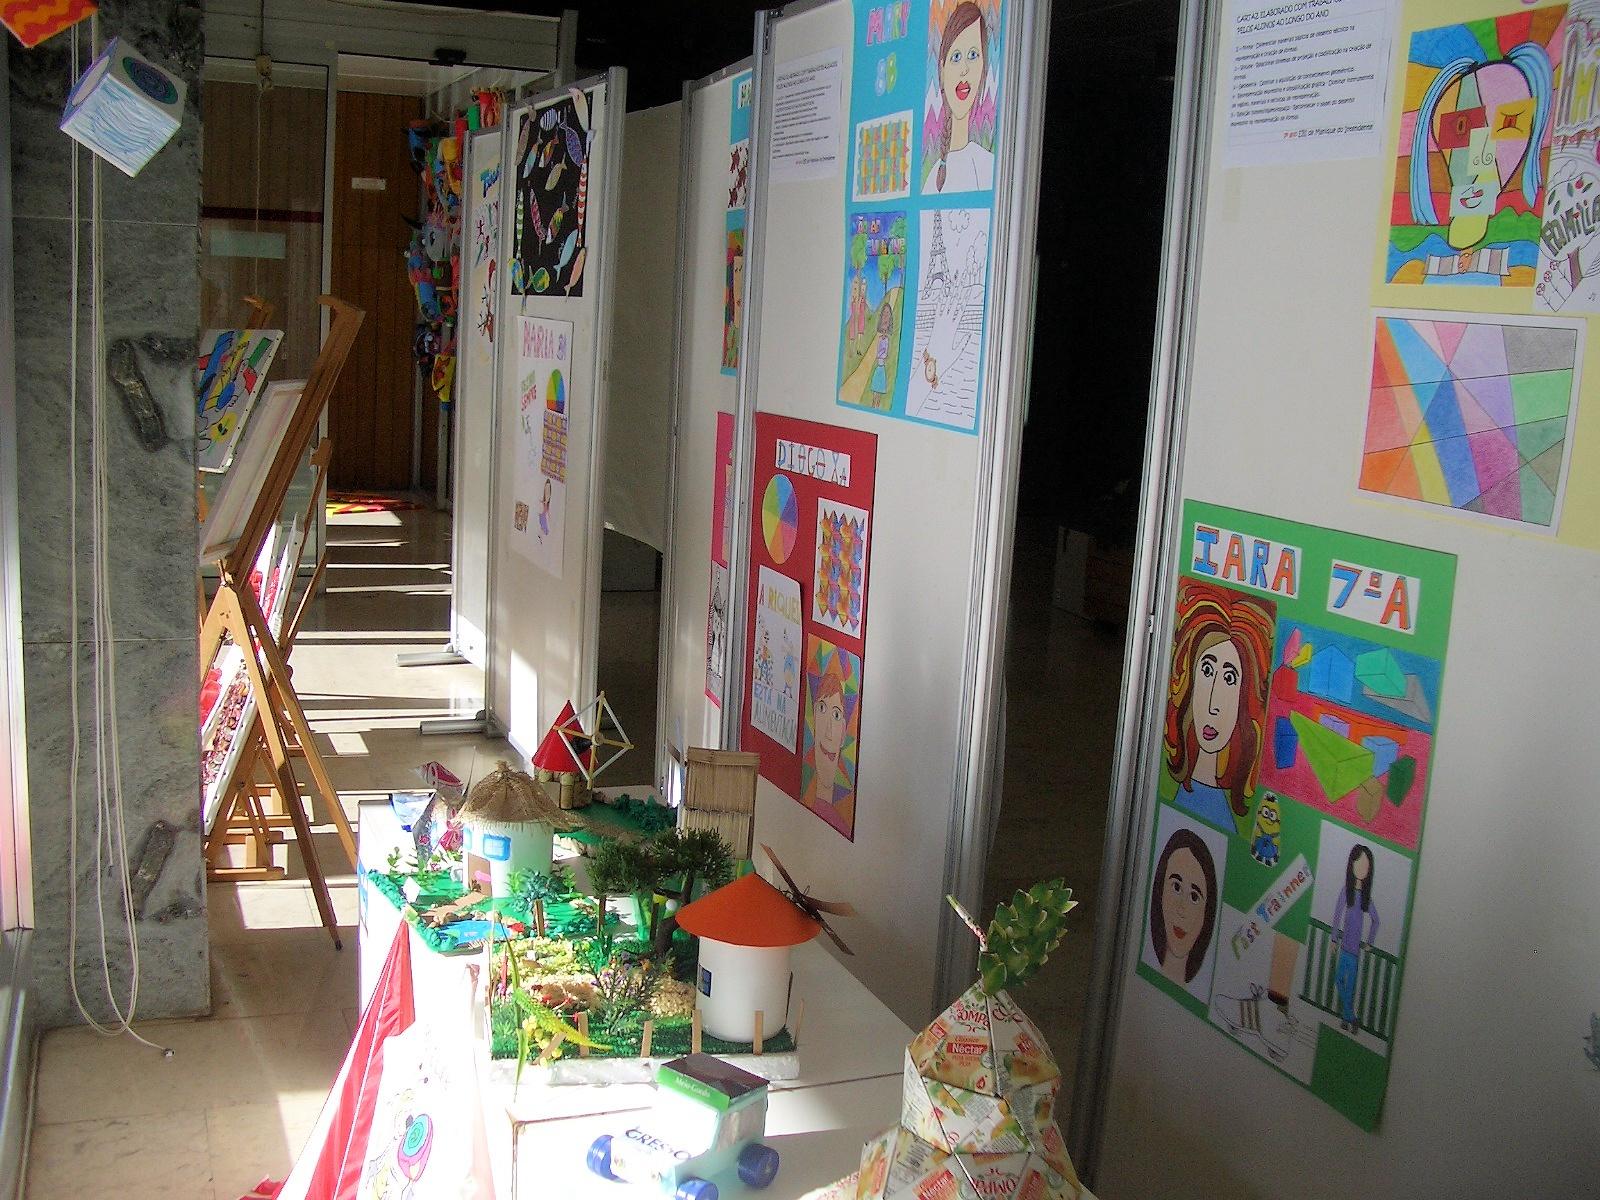 Exposição de trabalhos organizada pelo Agrupamento de Escolas do Alto da Azambuja